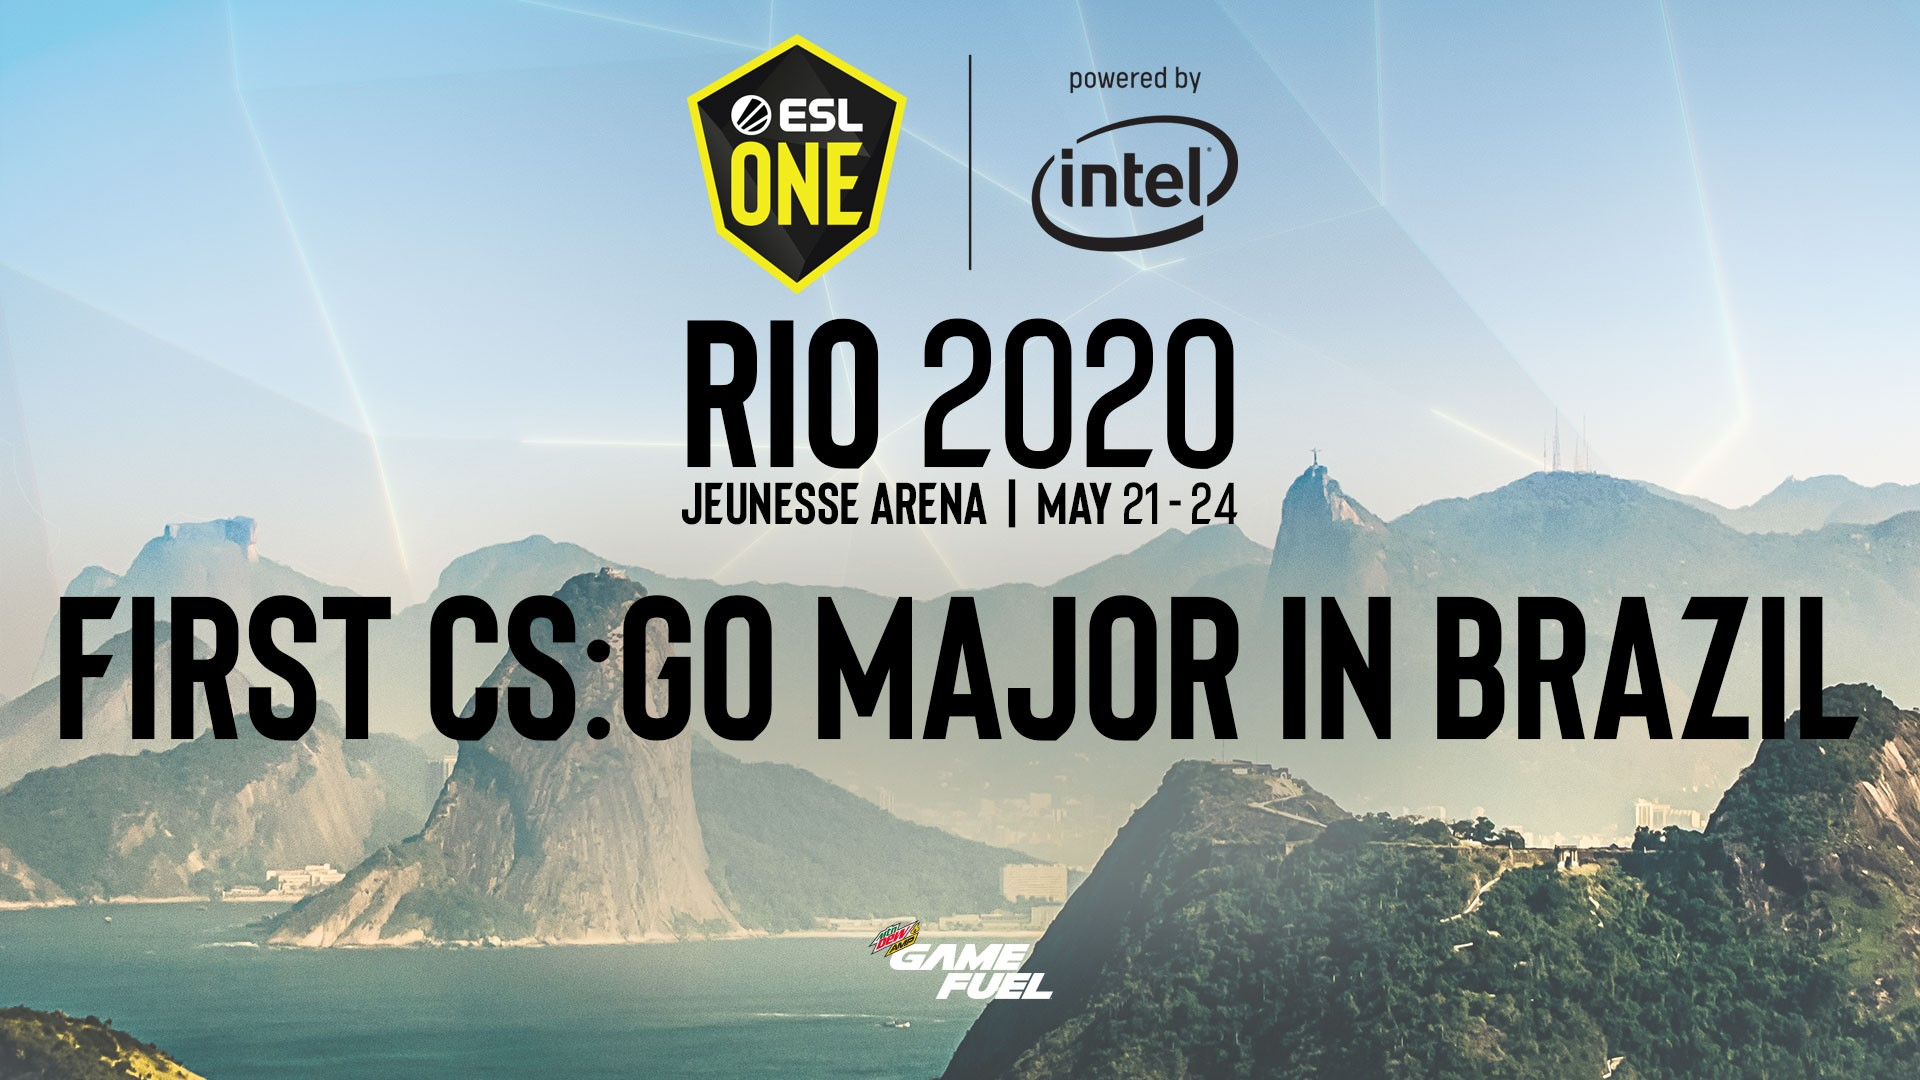 Bot major repalces ESL One Rio 202